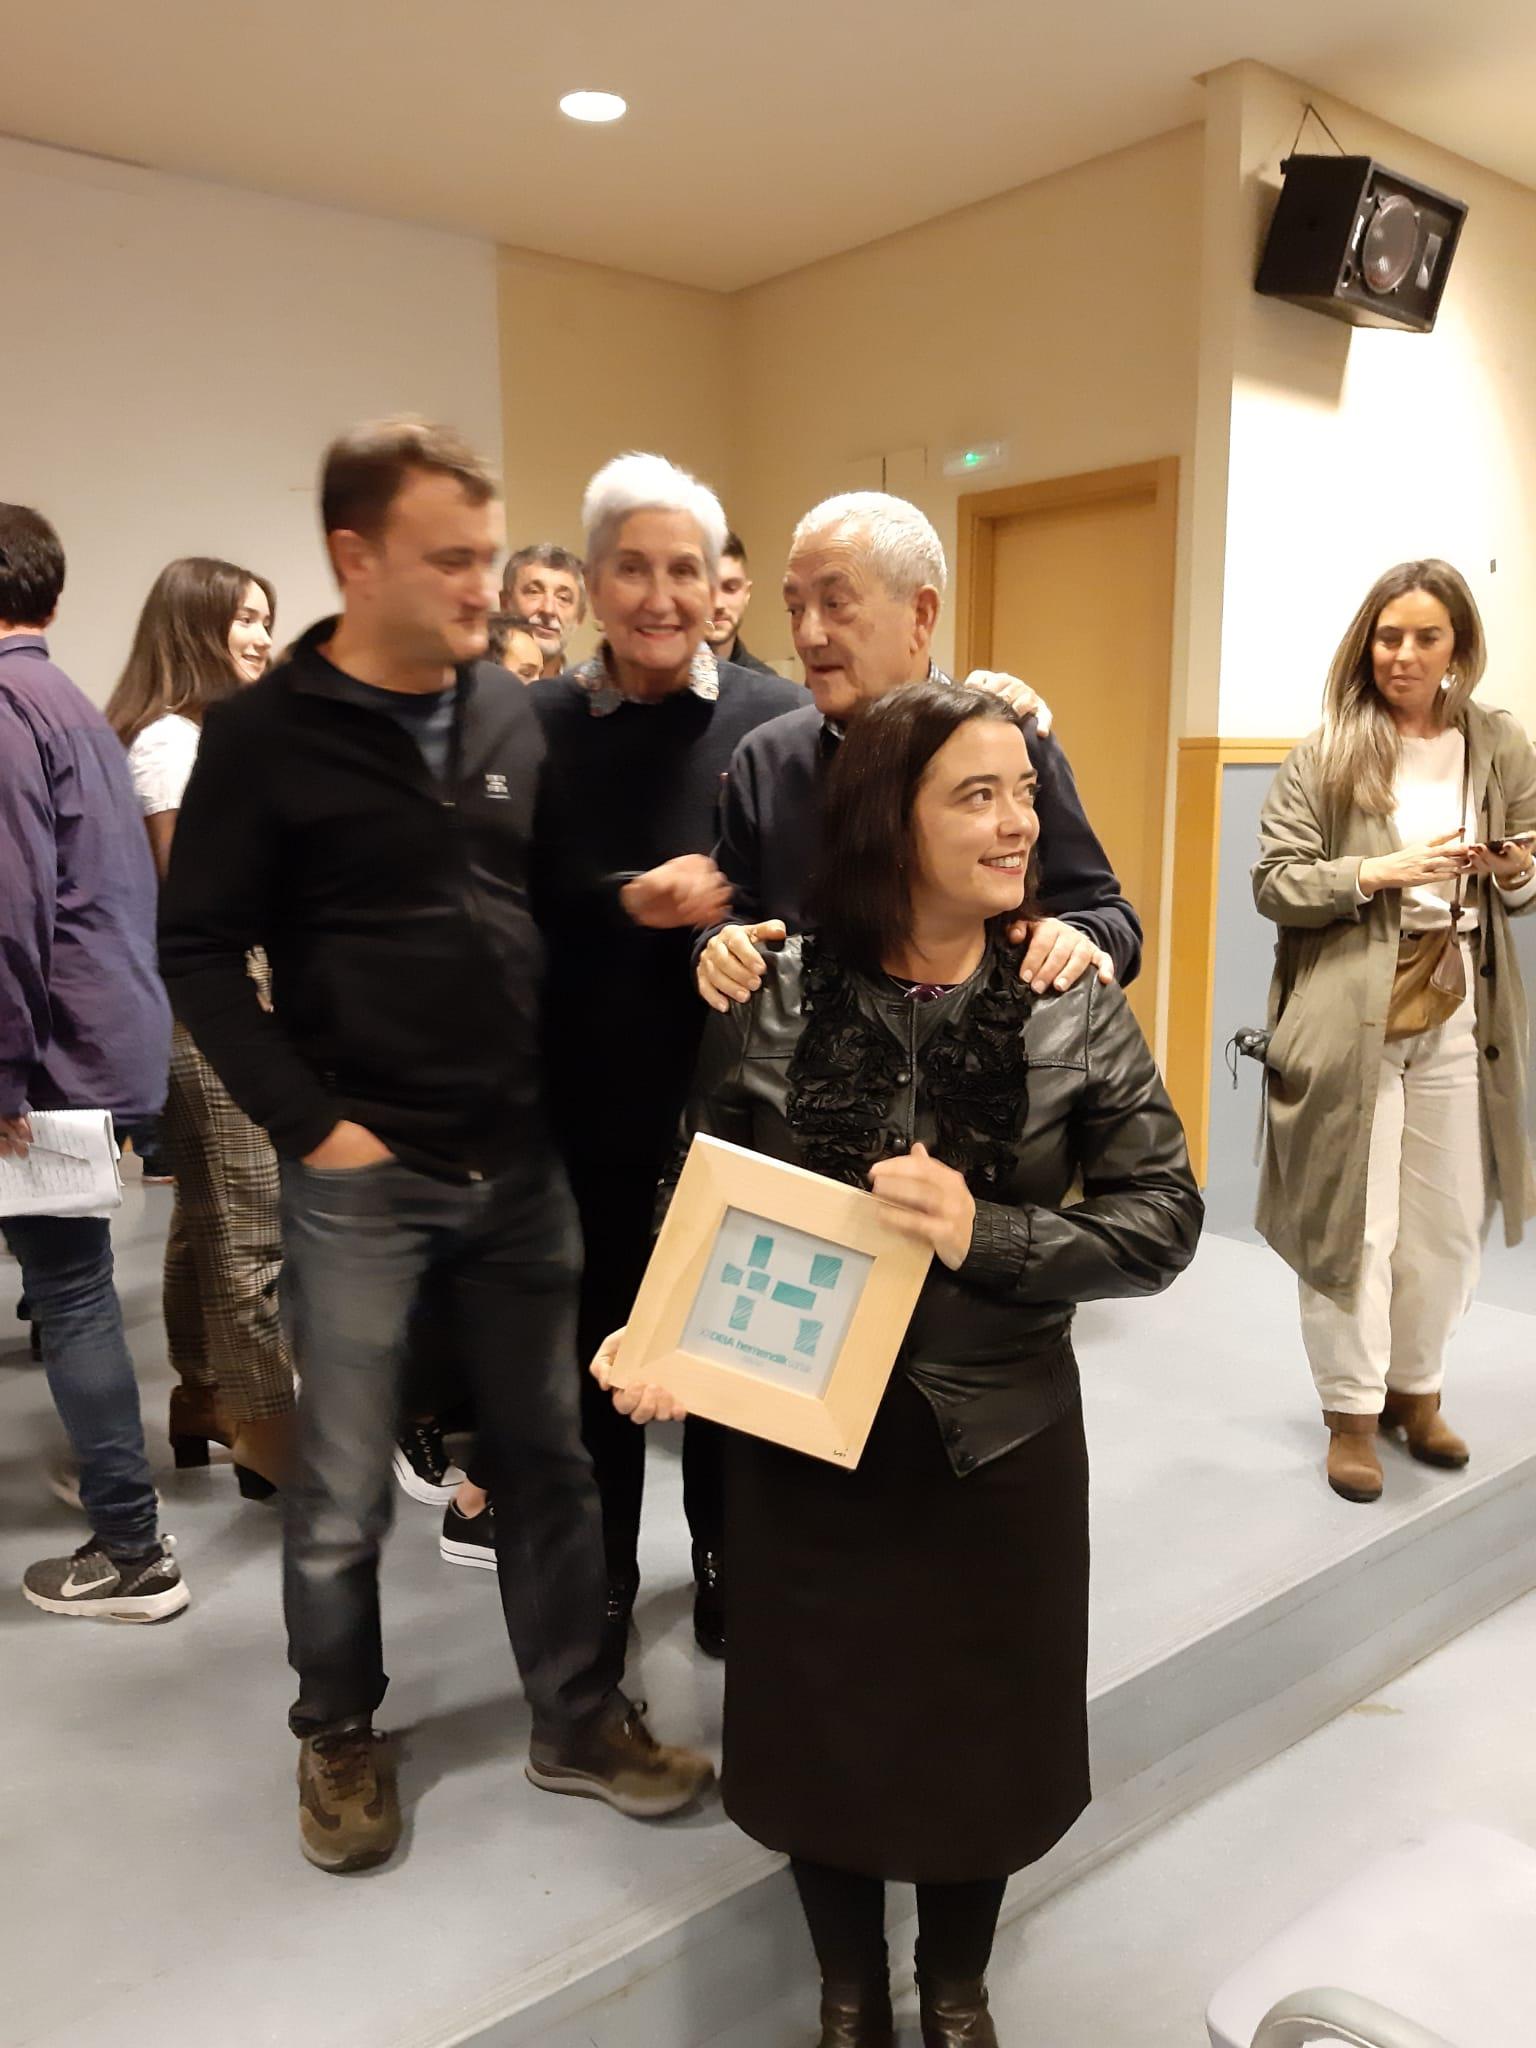 Txema y David Lorente, Agustina Fernández e Itxaso Tellaetxe recogen el premio DEIA Hemendik Sariak Ezkerraldea 2019